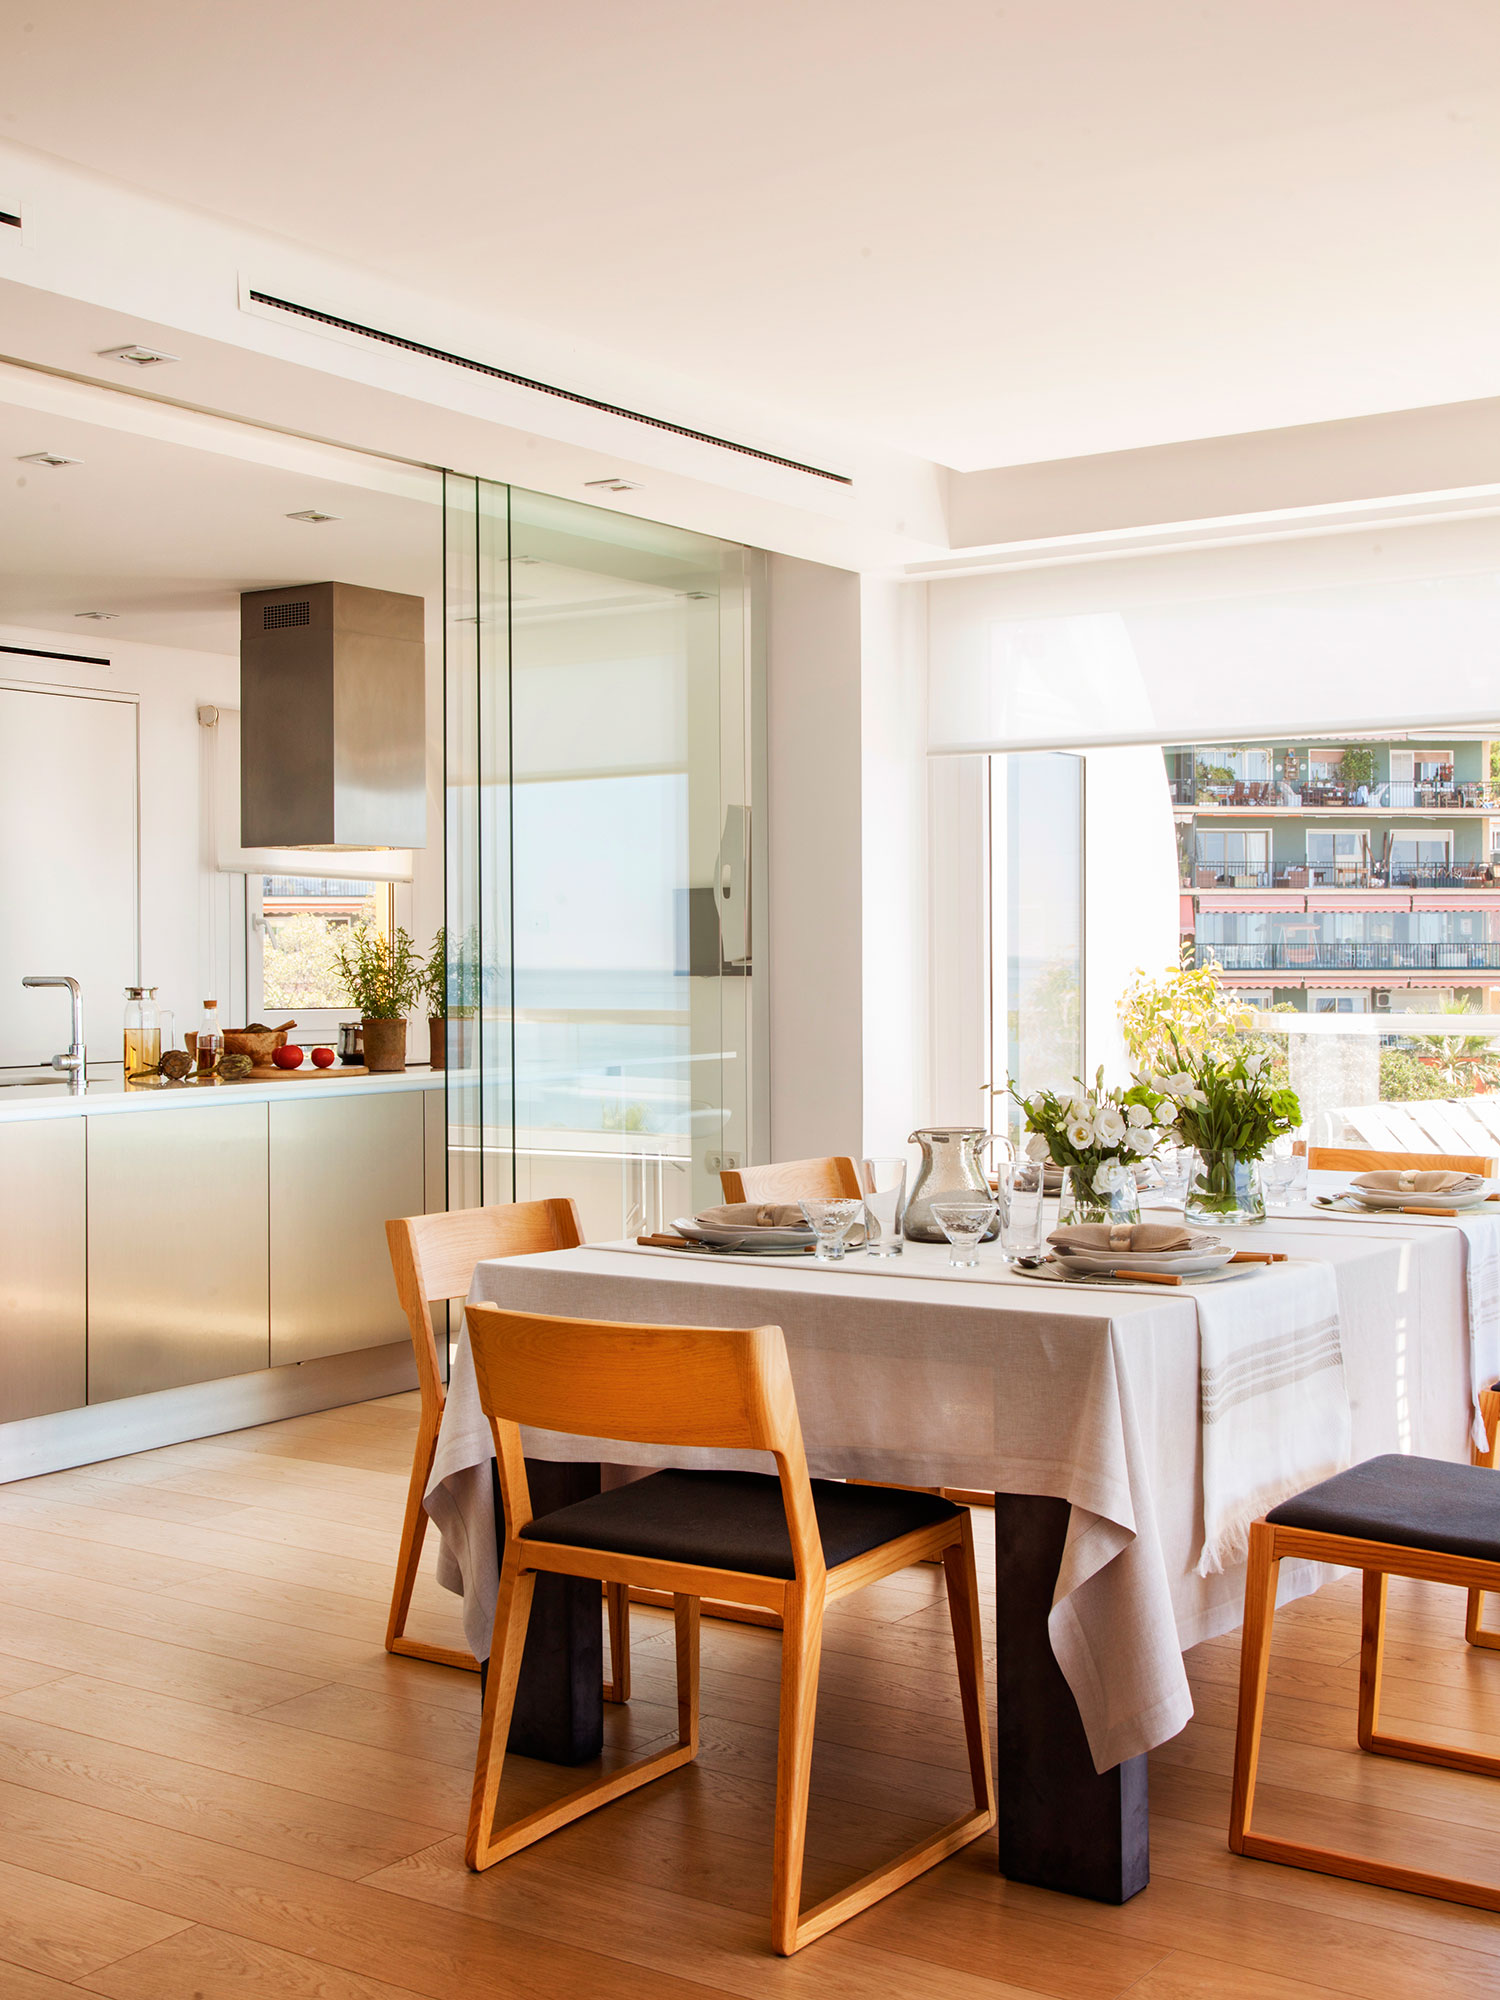 10 ideas infalibles para multiplicar la luz en la cocina for Separacion de muebles cocina comedor